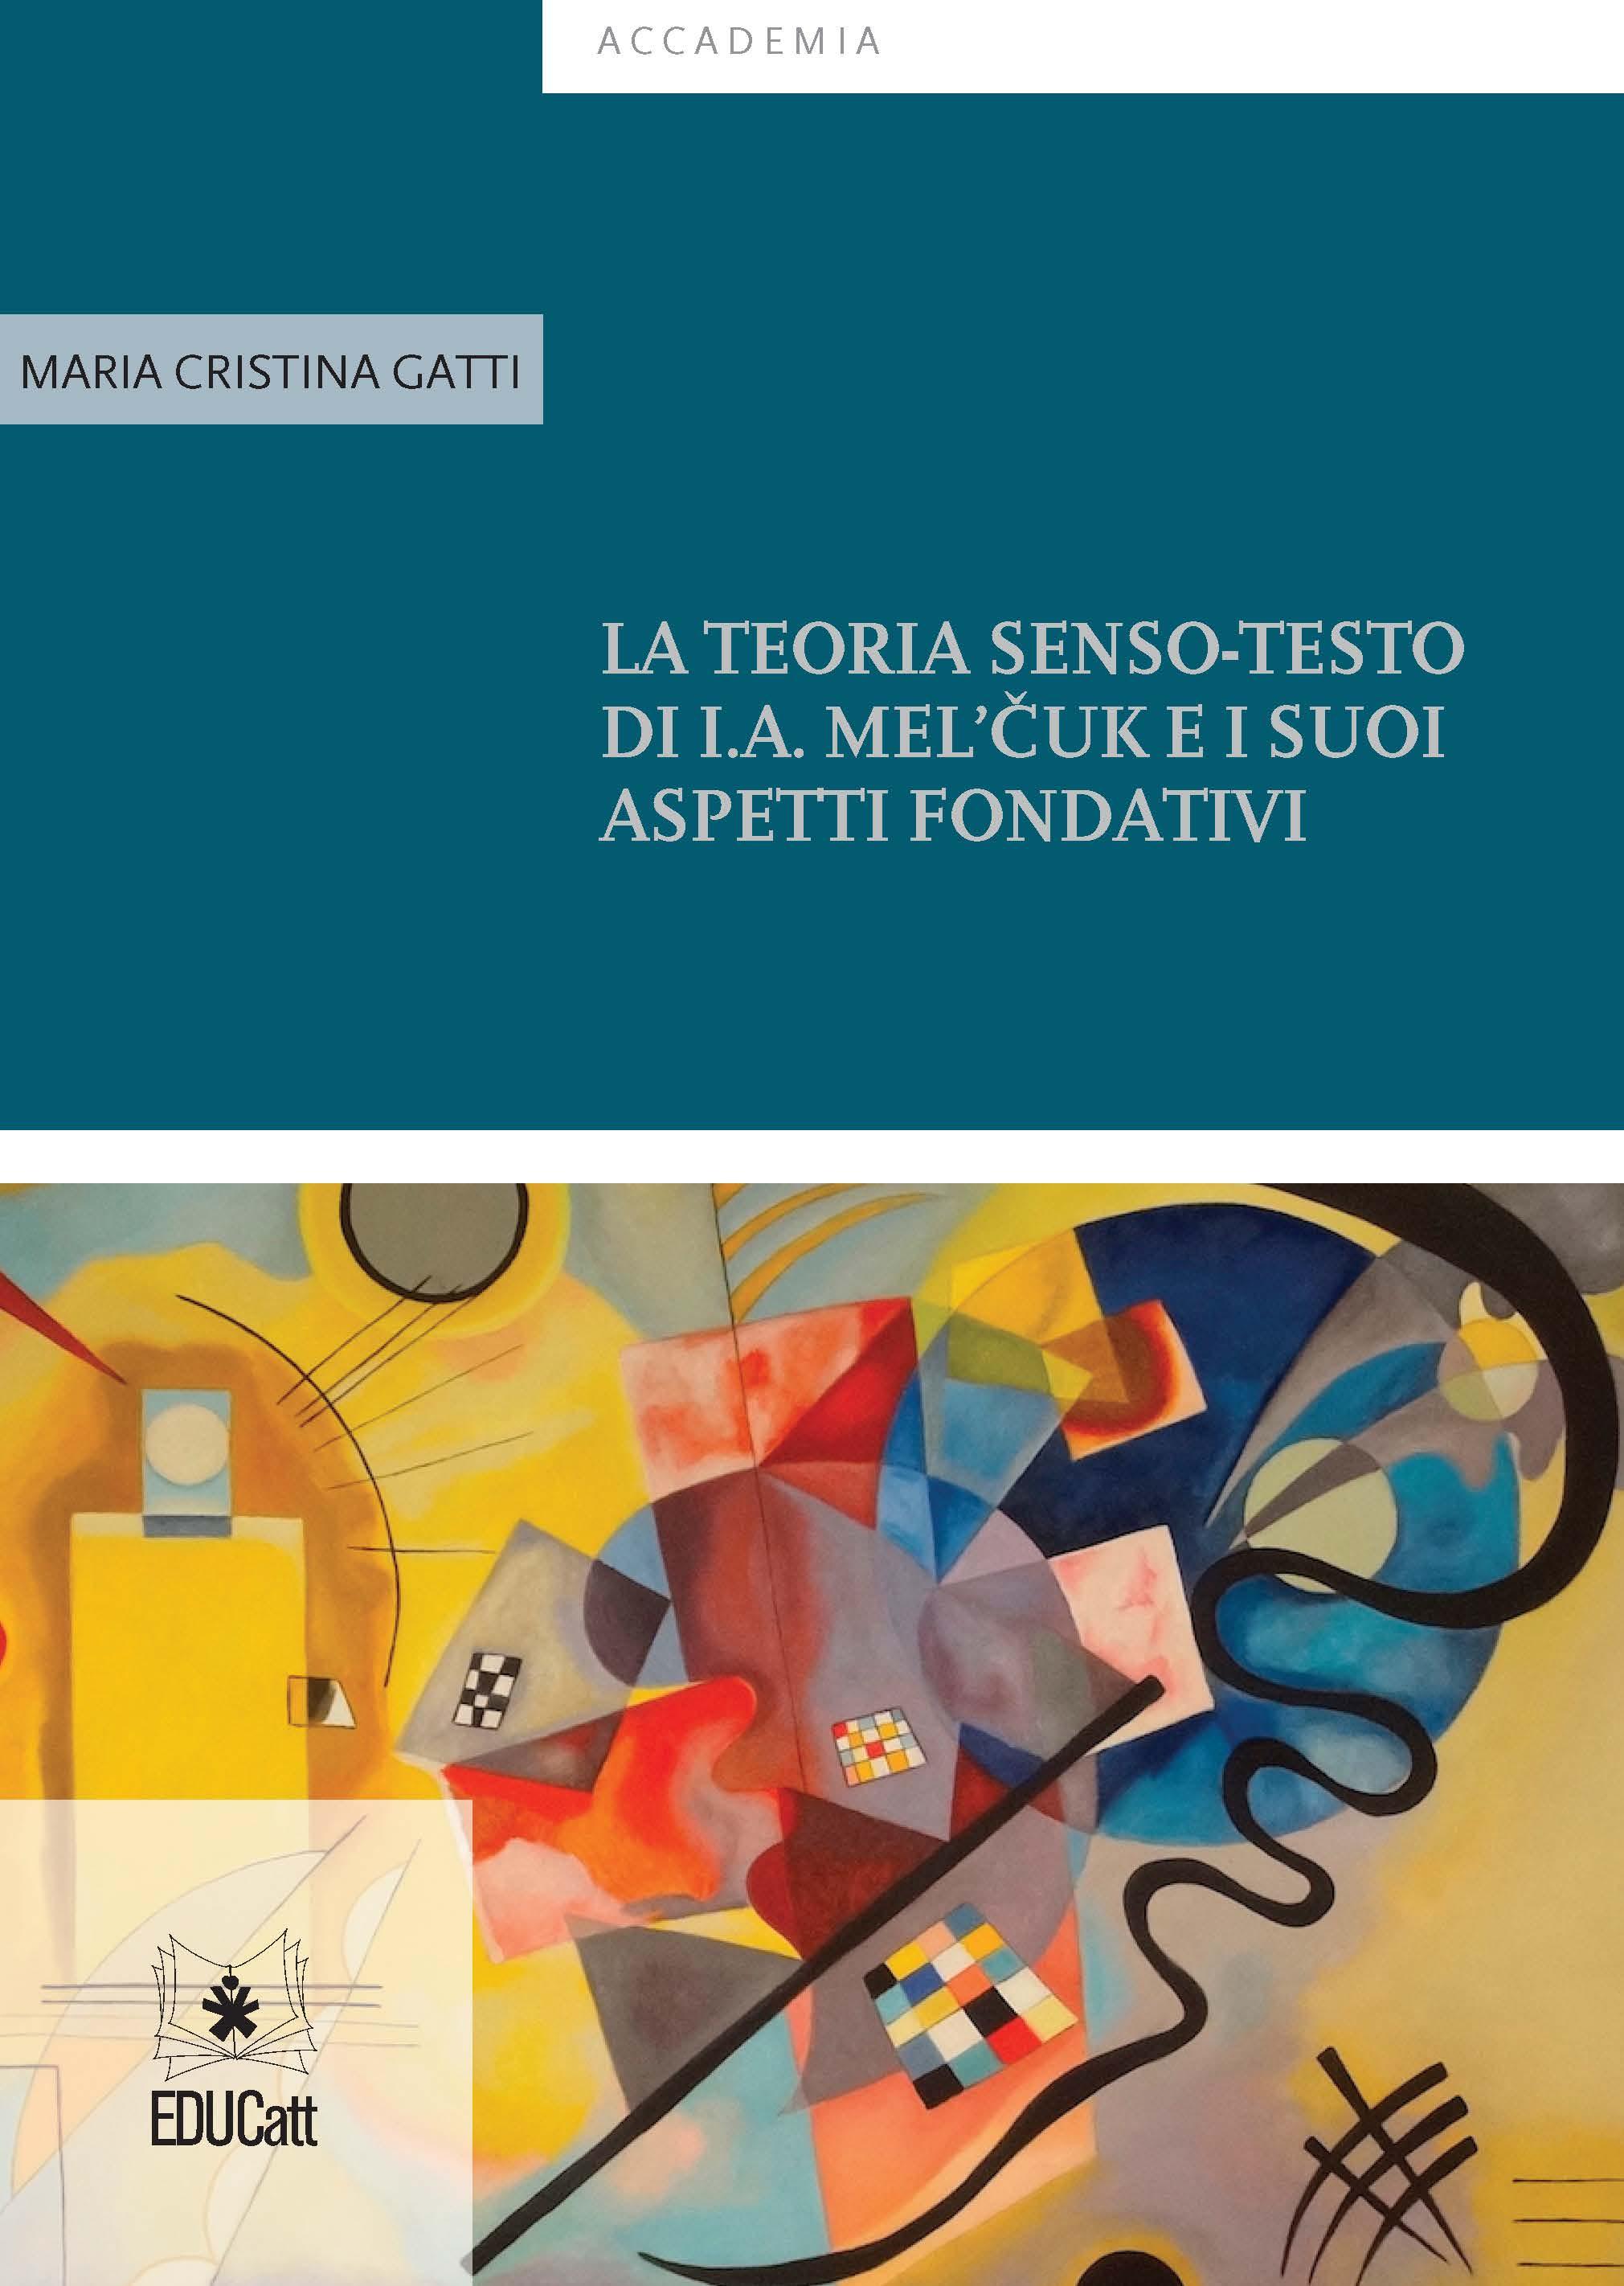 LA TEORIA SENSO-TESTO DI I.A. MEL'CUK E I SUOI ASPETTI FONDATIVI